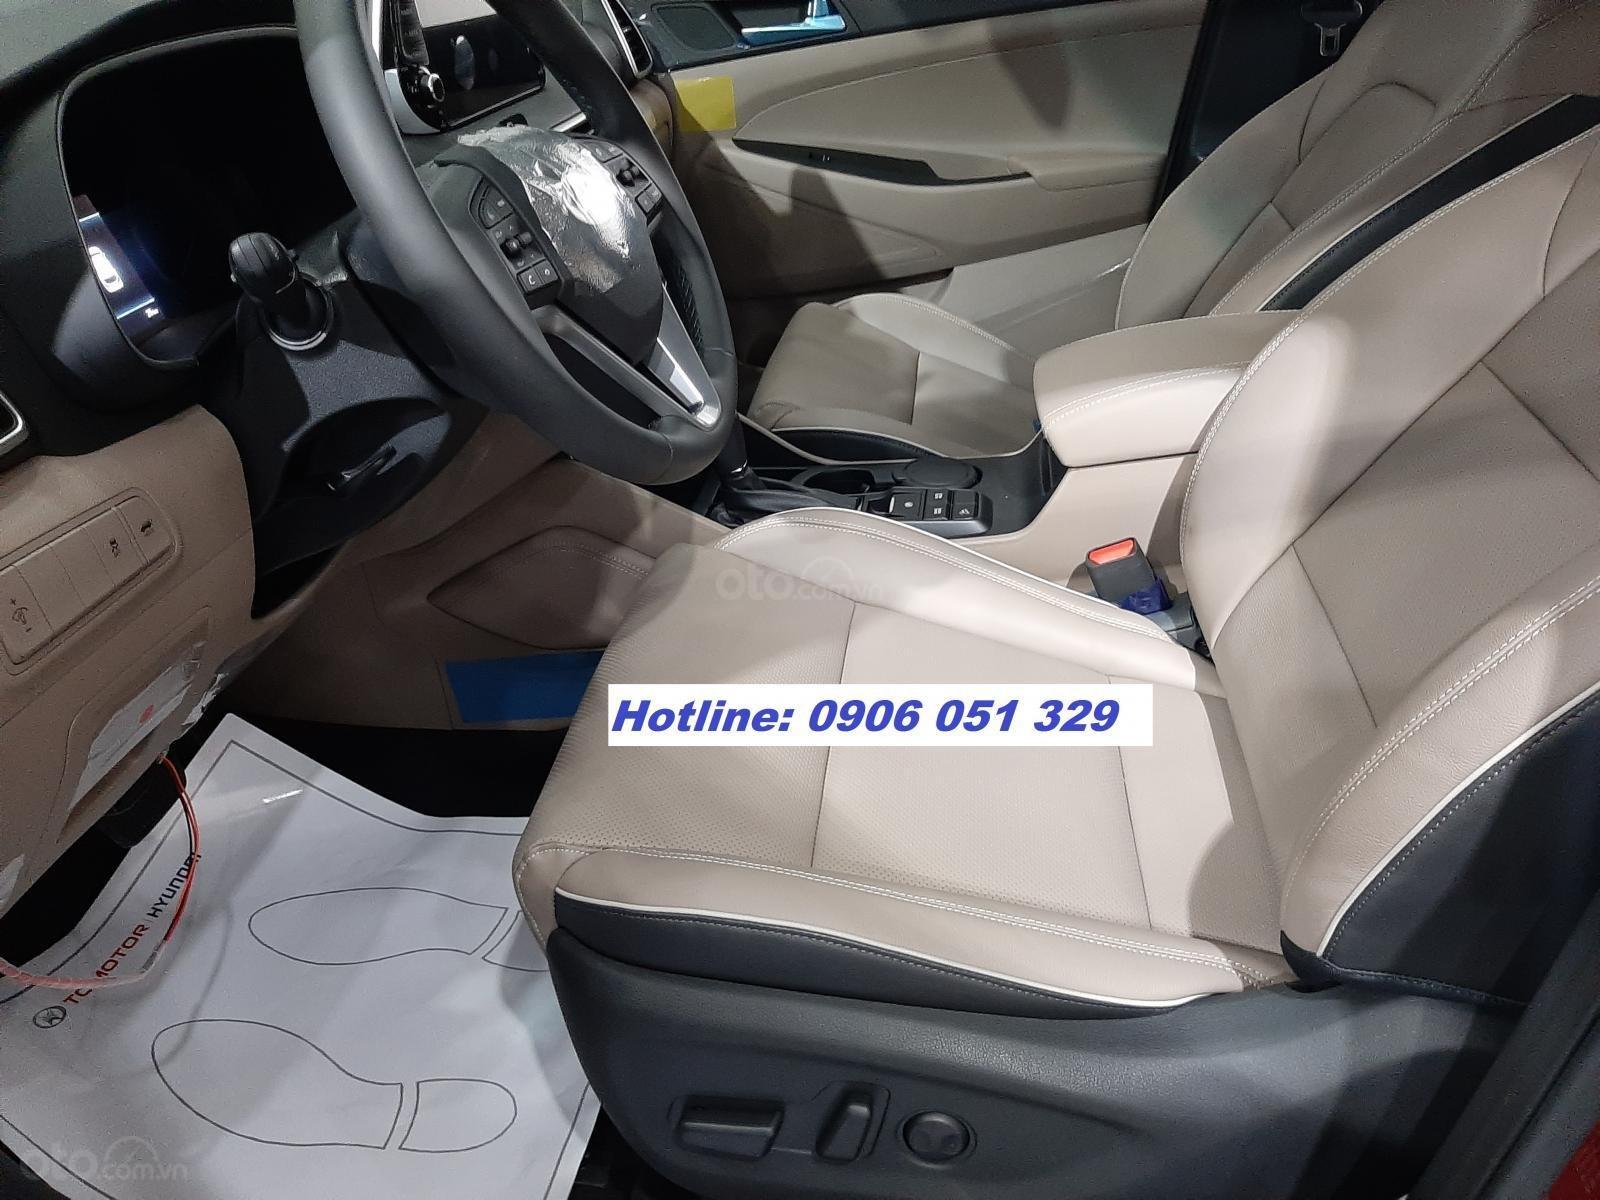 Hyundai Tucson bản FULL, giảm giá khủng, 250tr nhận xe (5)